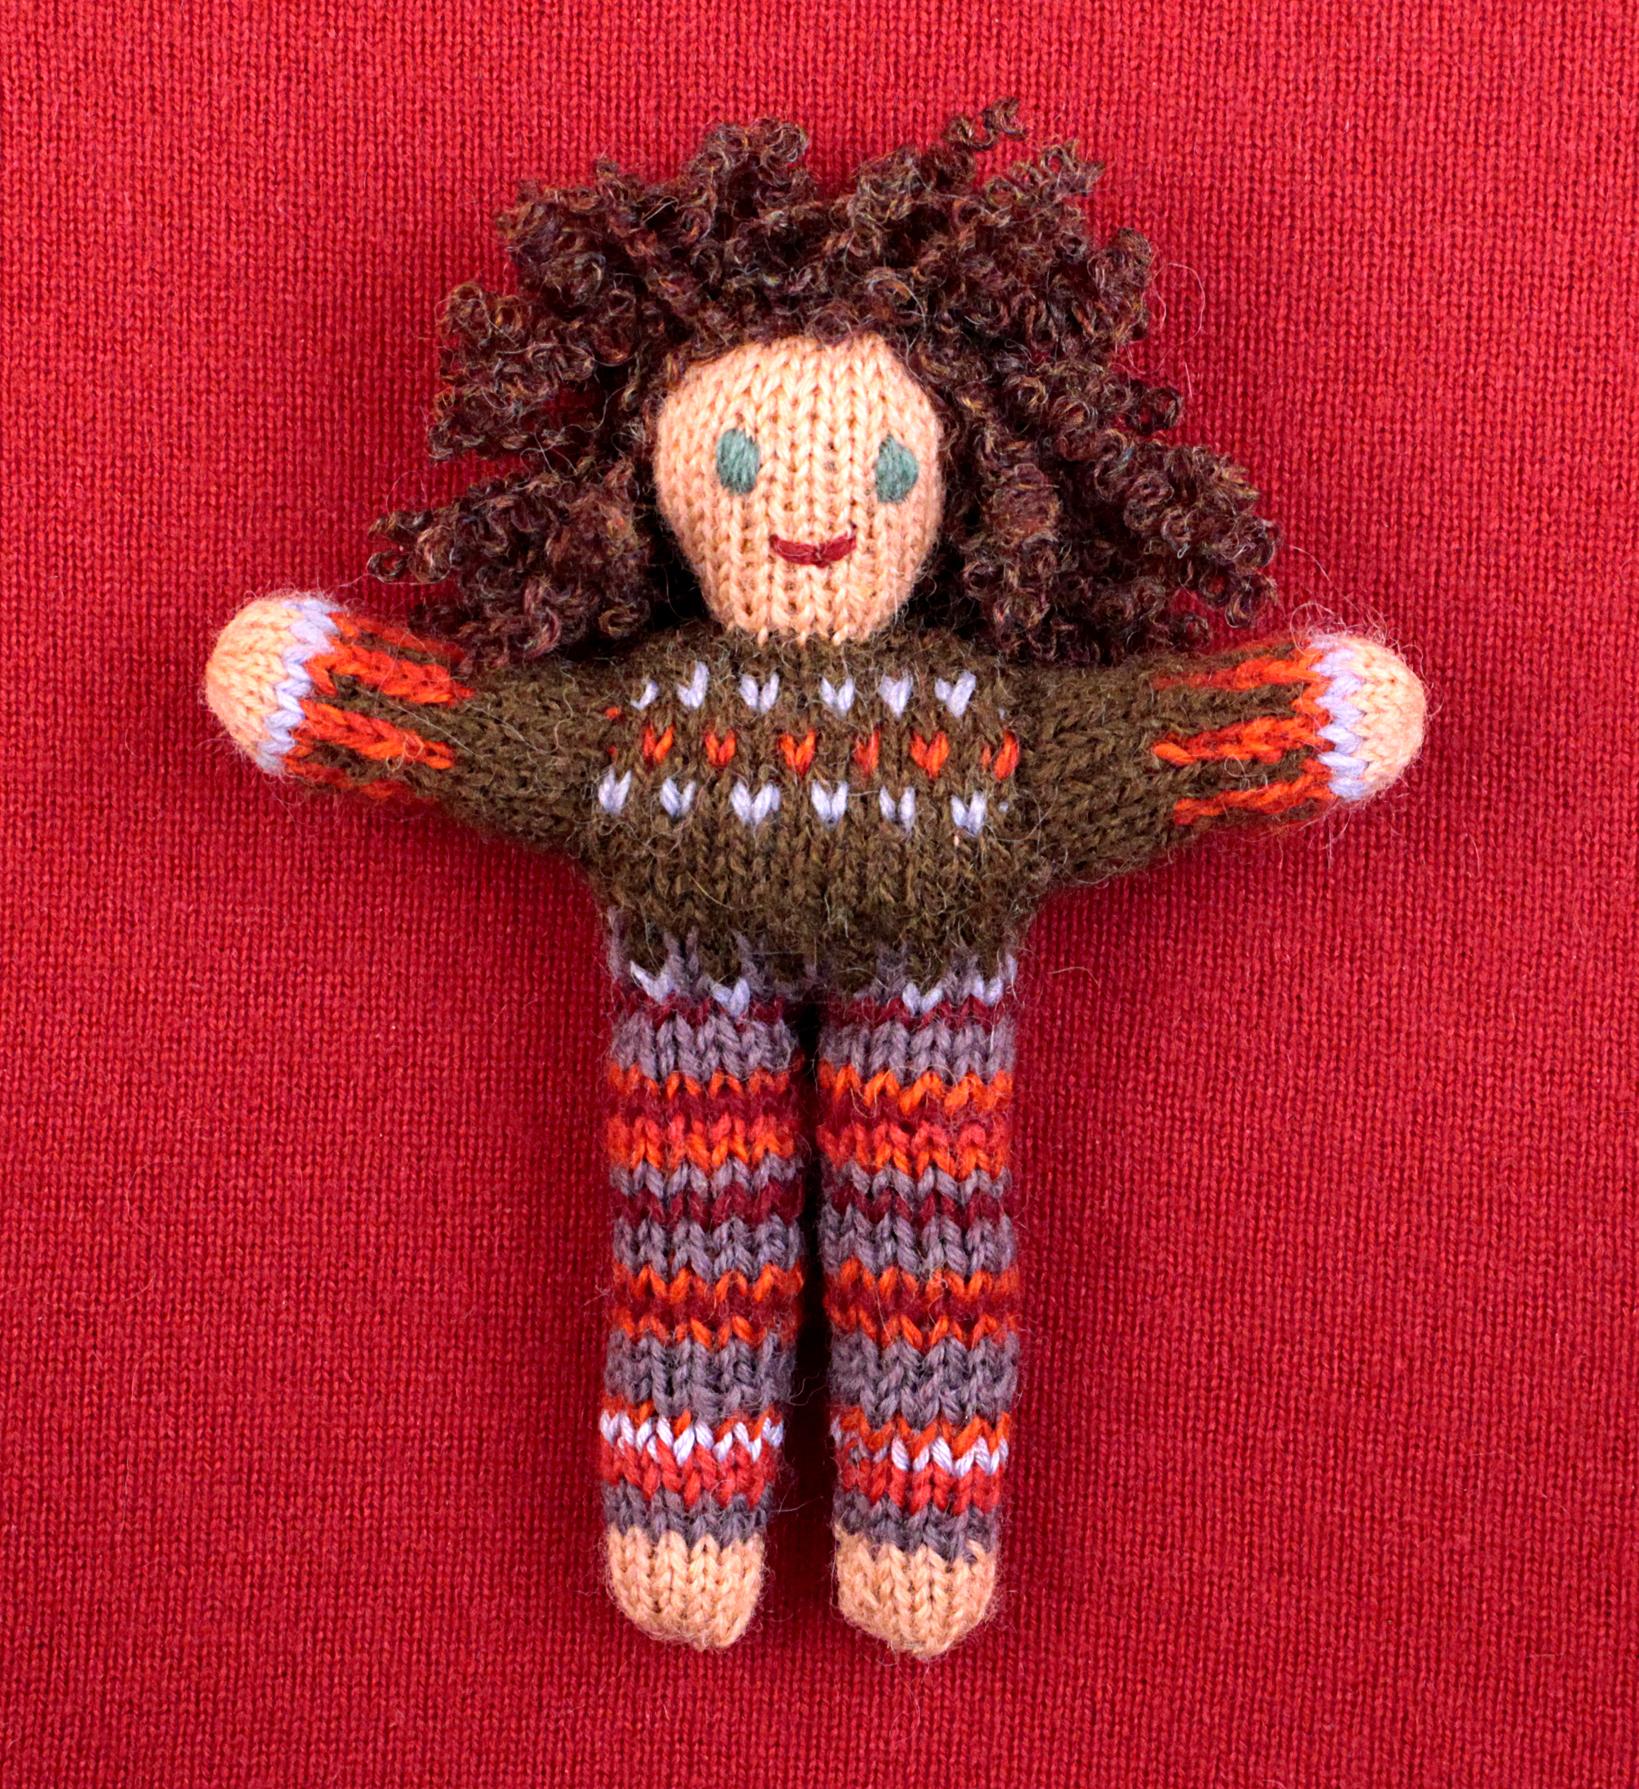 Wee Woolie doll #D0224.